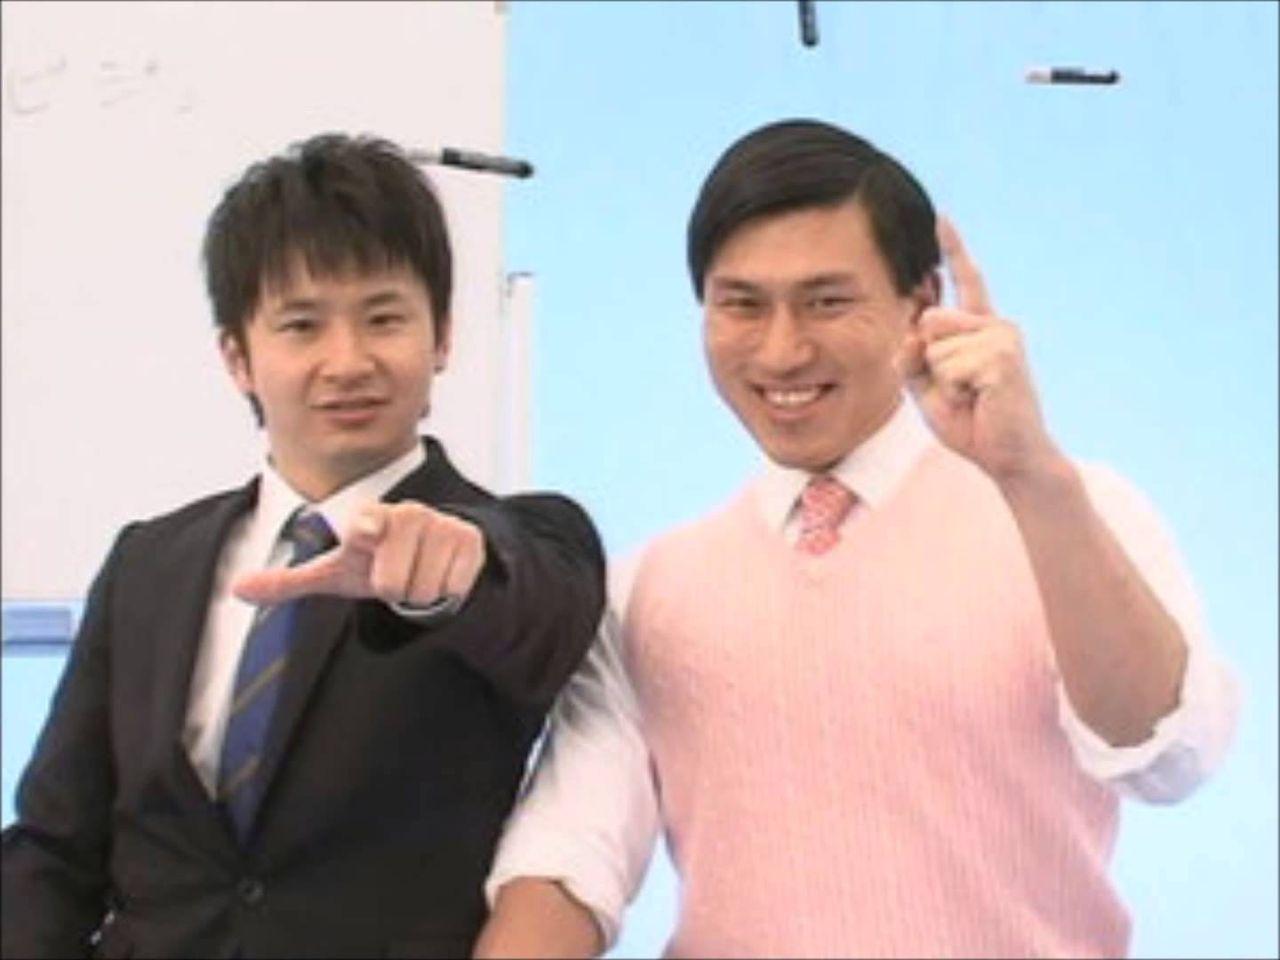 カメラにむかって指をさしている若林とトゥース!をする春日のお笑いコンビ「オードリー」の画像